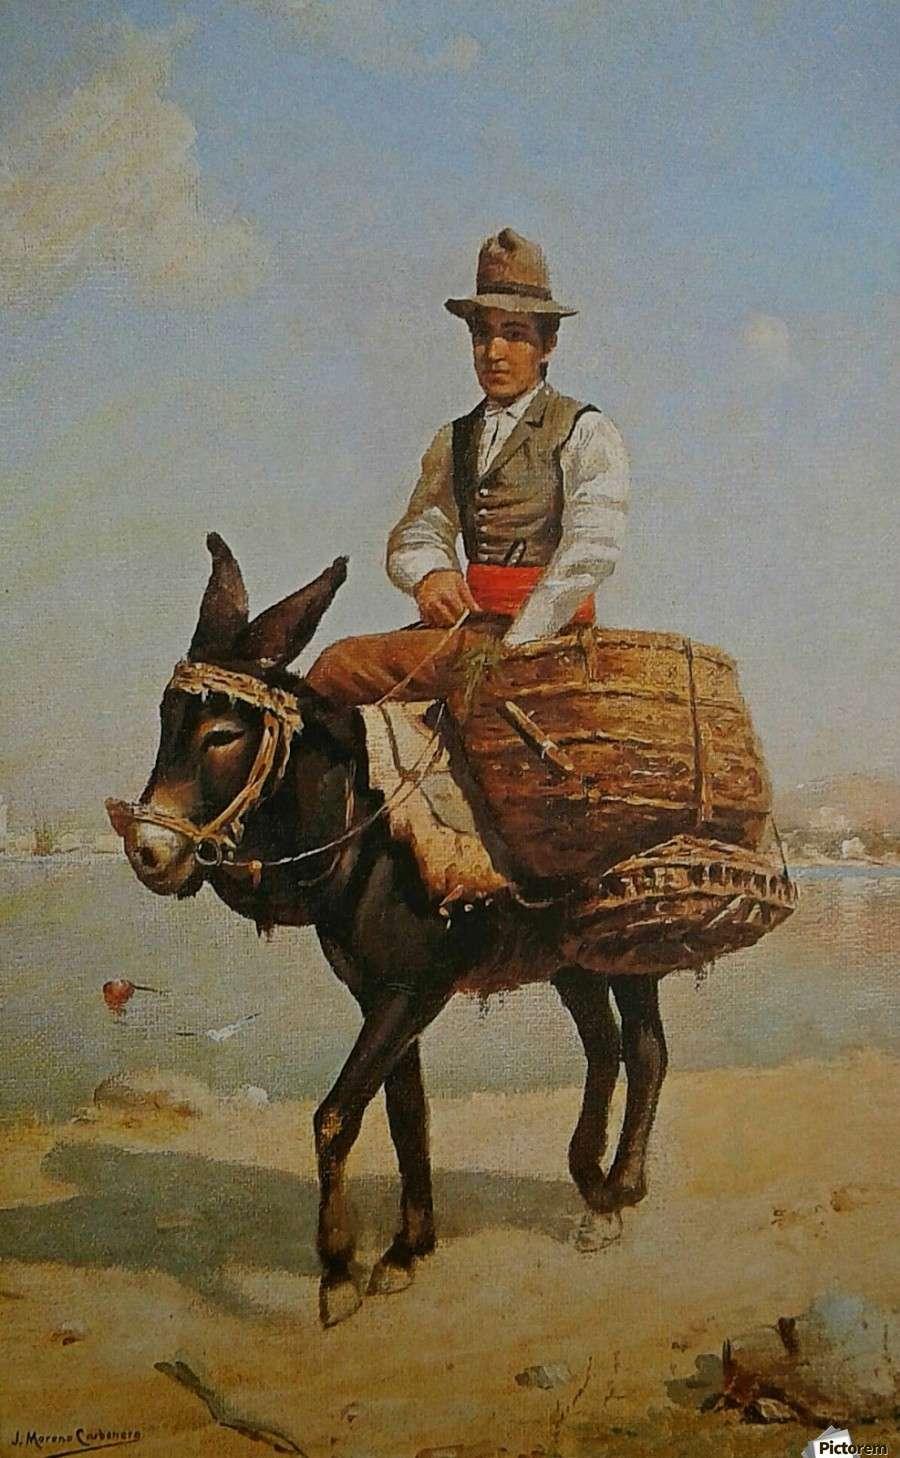 Άνδρας πάνω σε γάιδαρο. Πίνακας του Jose Moreno Carbonero.